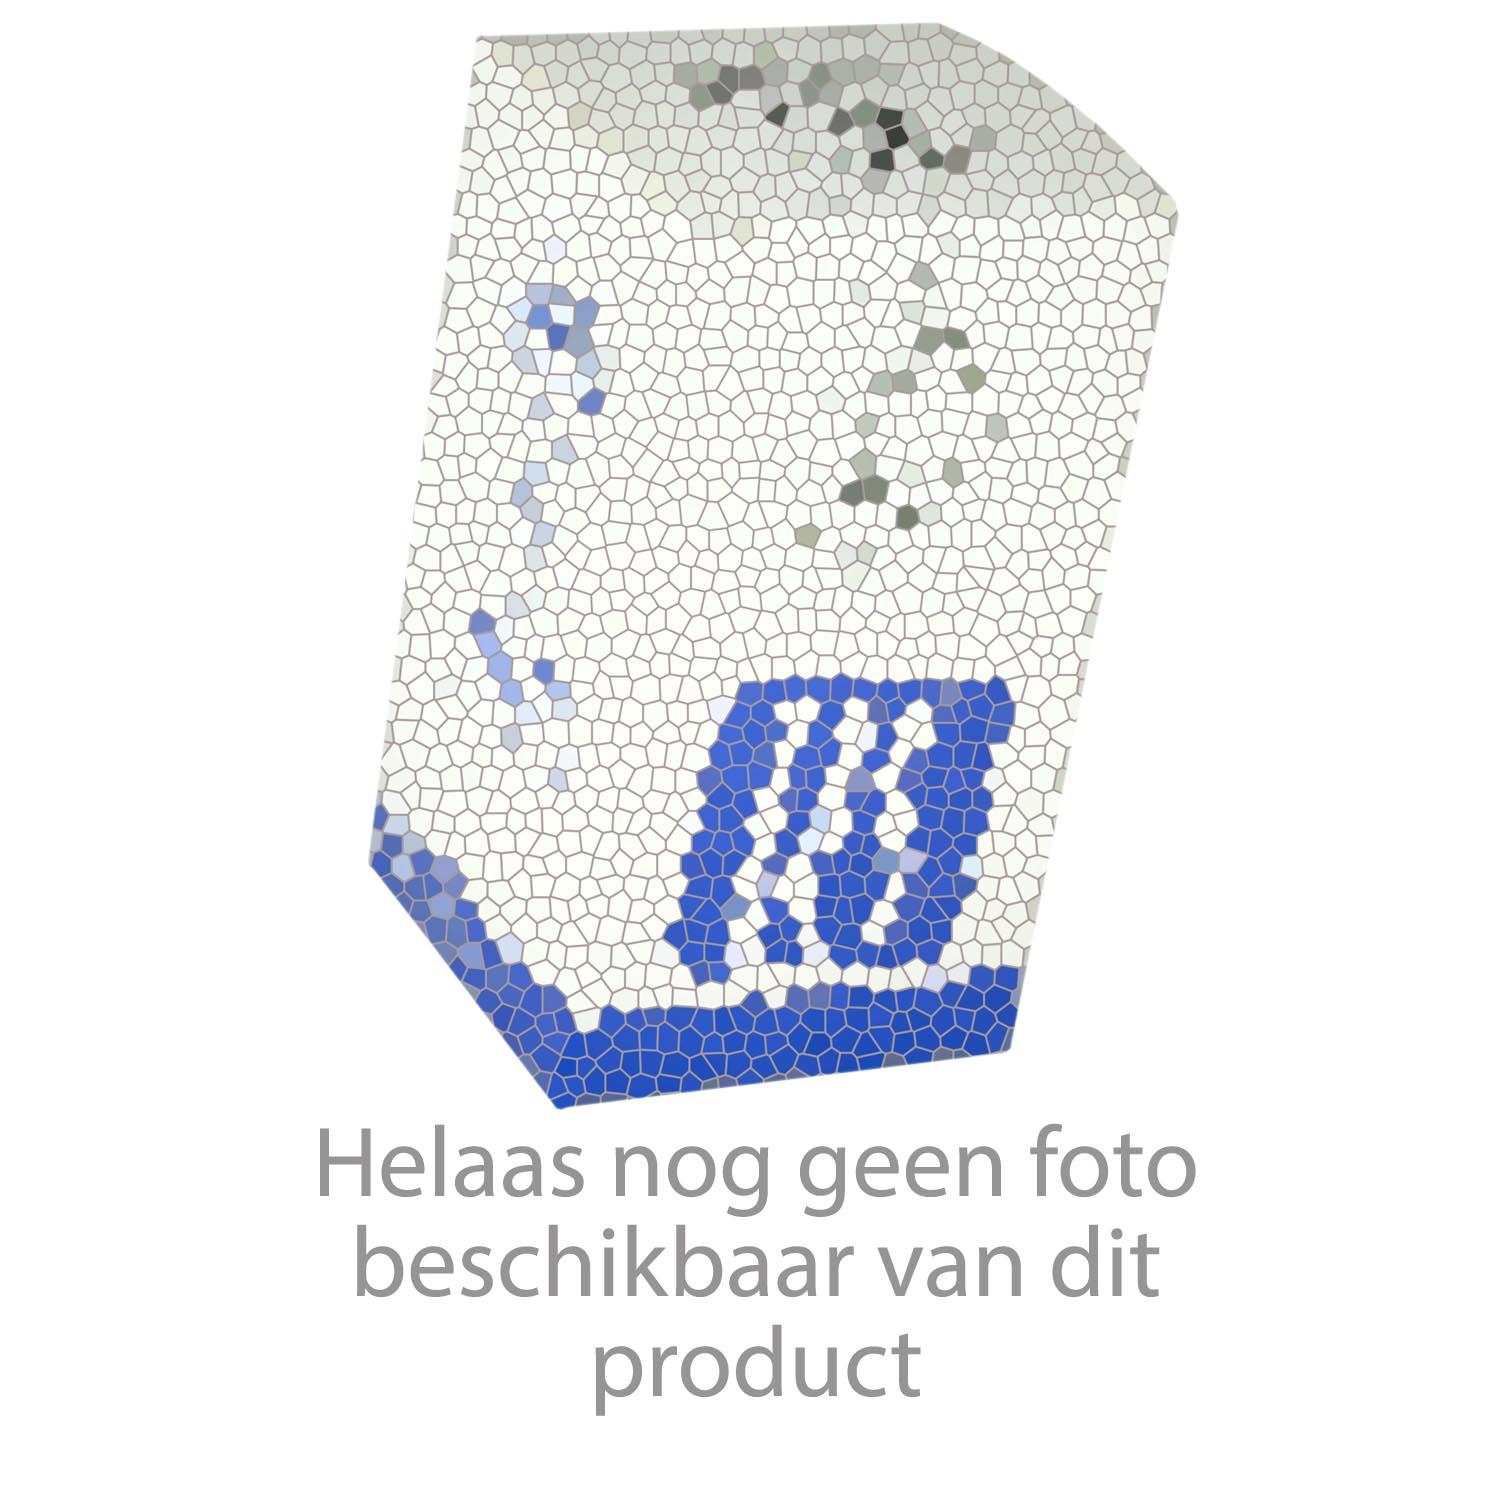 HansGrohe Keukenmengkranen Allegra Sportive / Allegra Elegance productiejaar > 09/01 33815000 onderdelen